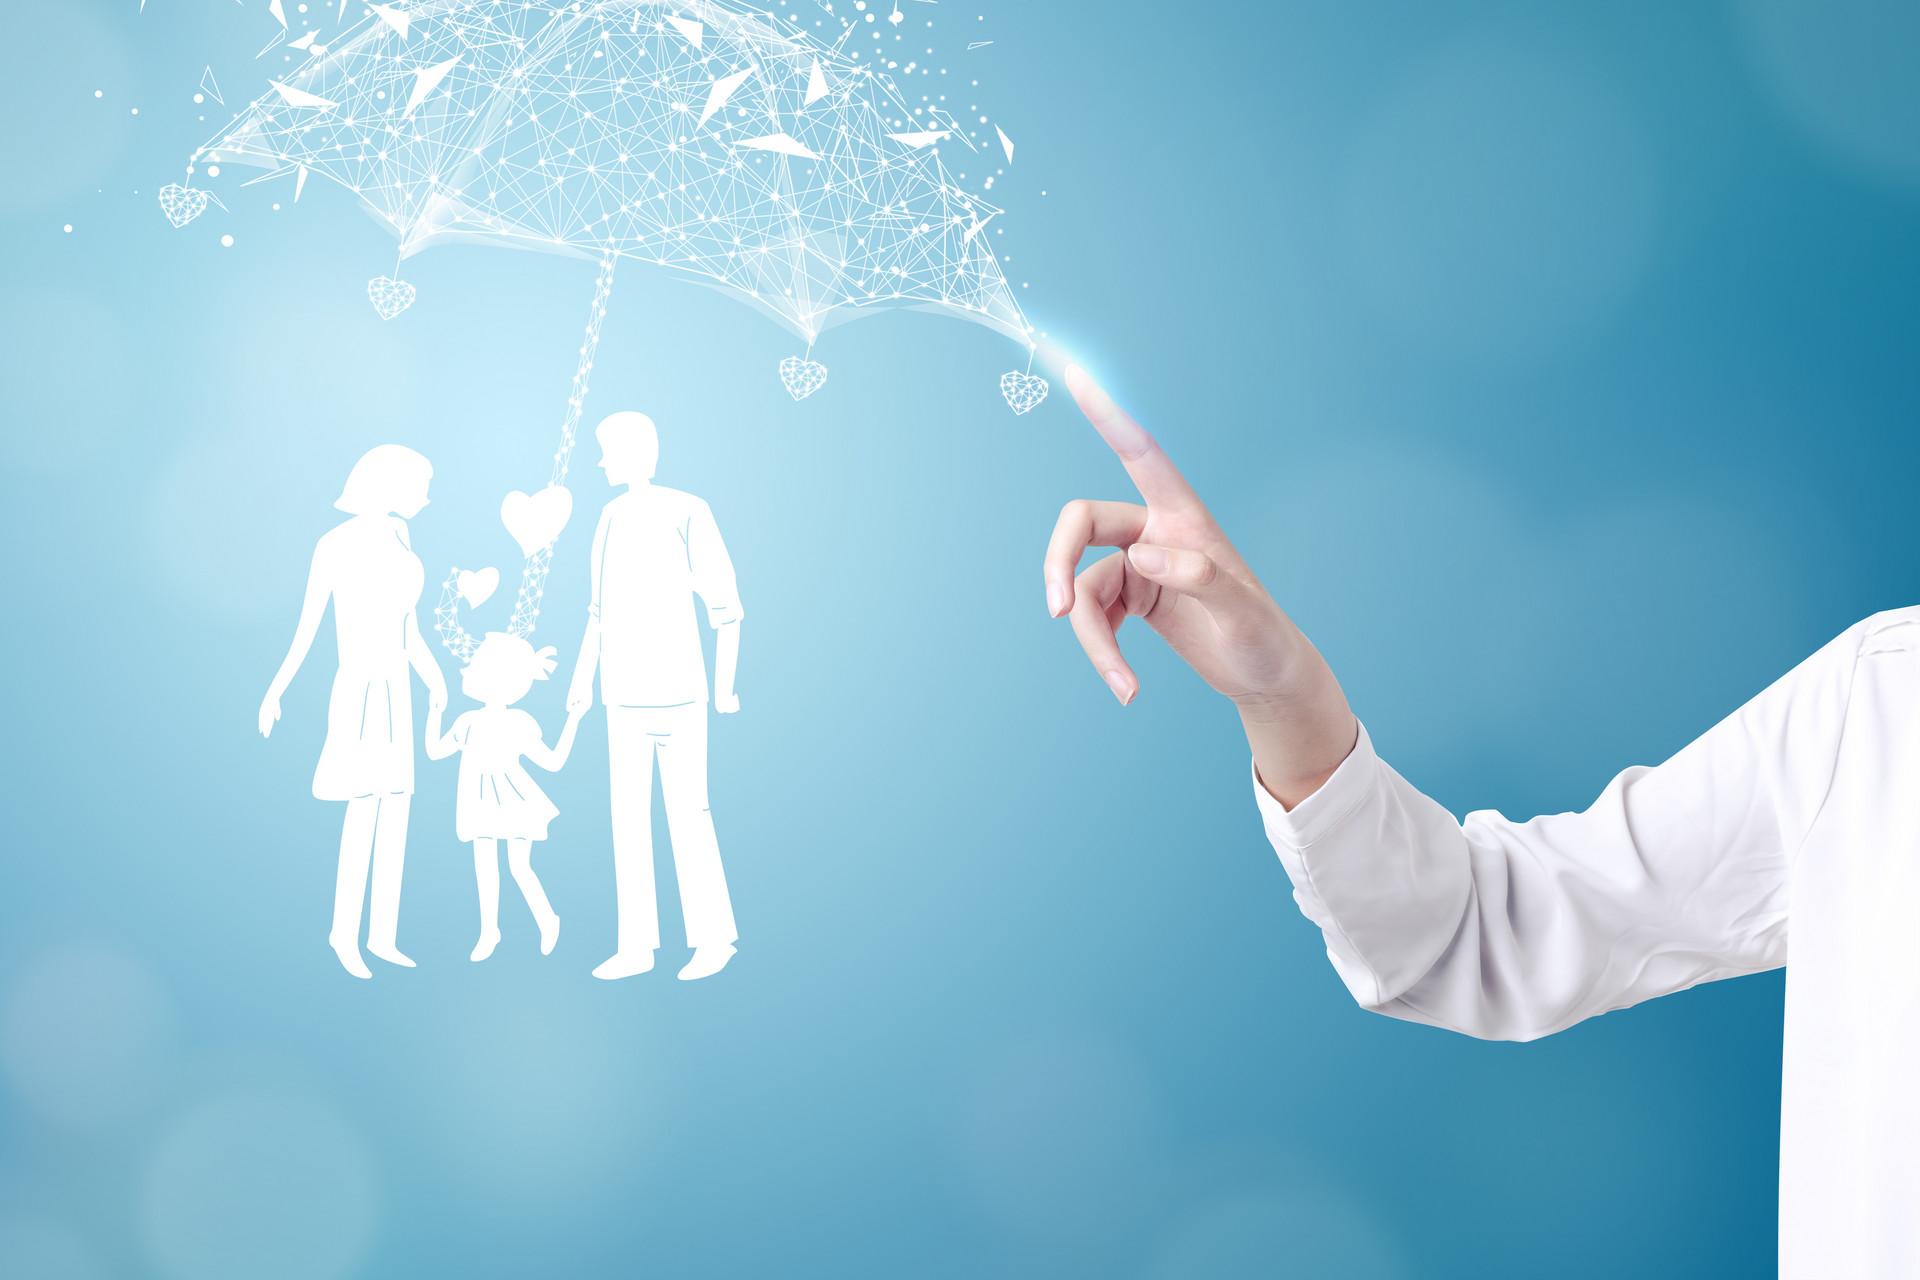 儿童年金保险怎么选?需要注意哪些点